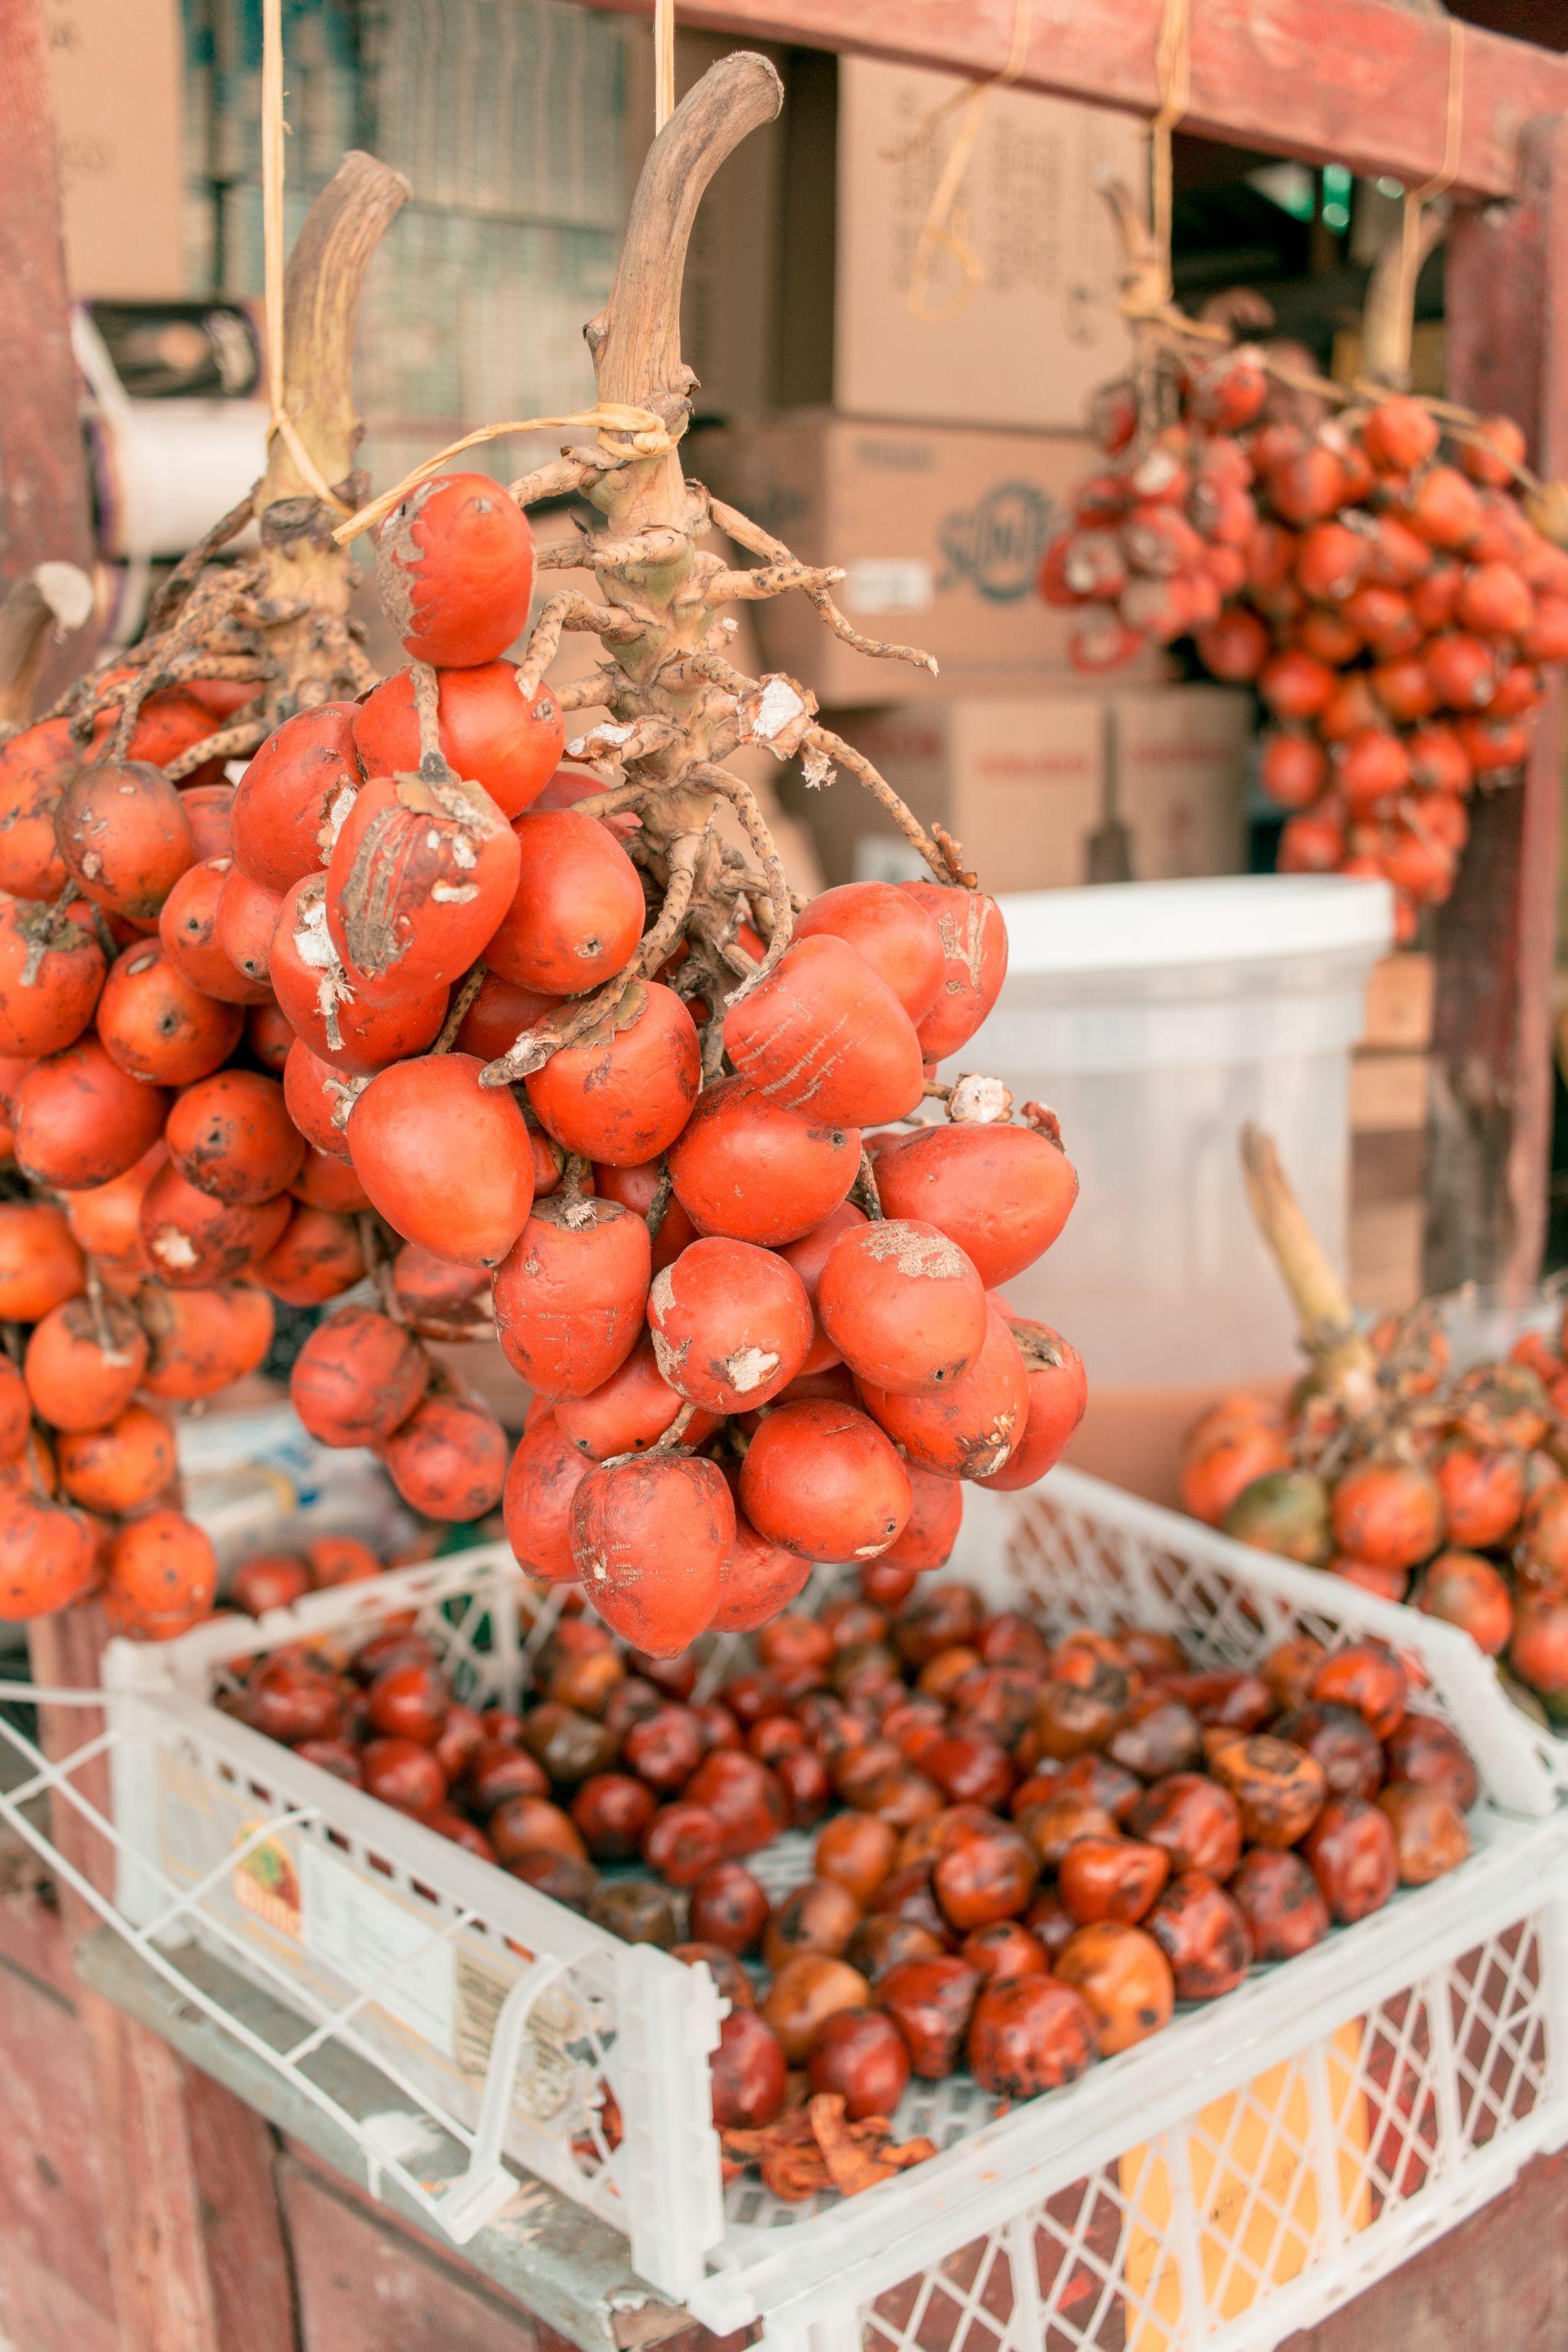 Cartagena Travel Guide Mercado Bazurto Colombia vegetables